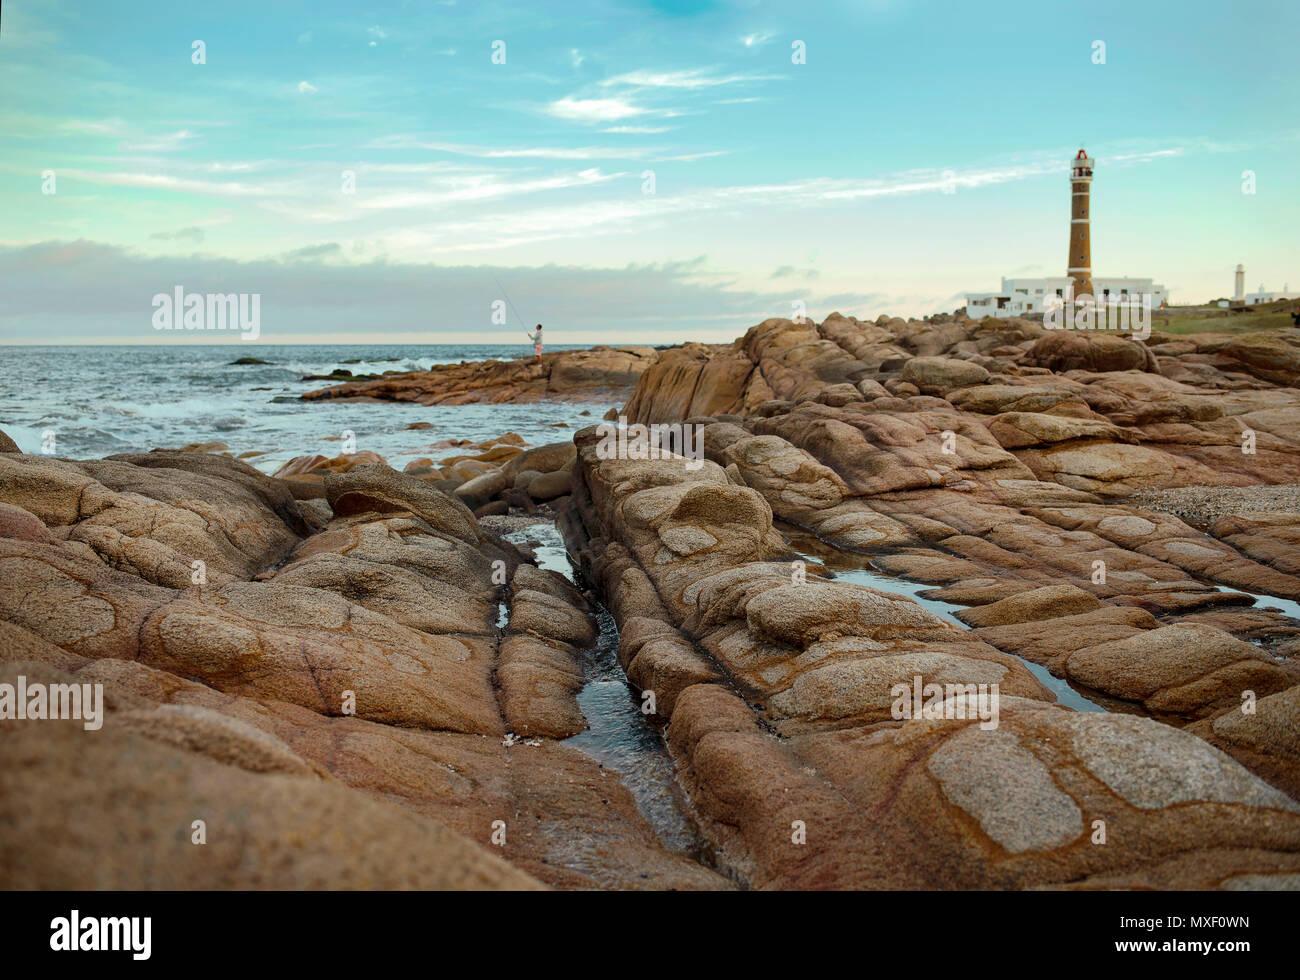 Cabo polonio e il suo faro in background. Patrimonio mondiale dell'UNESCO. Uruguay, Sud America Immagini Stock